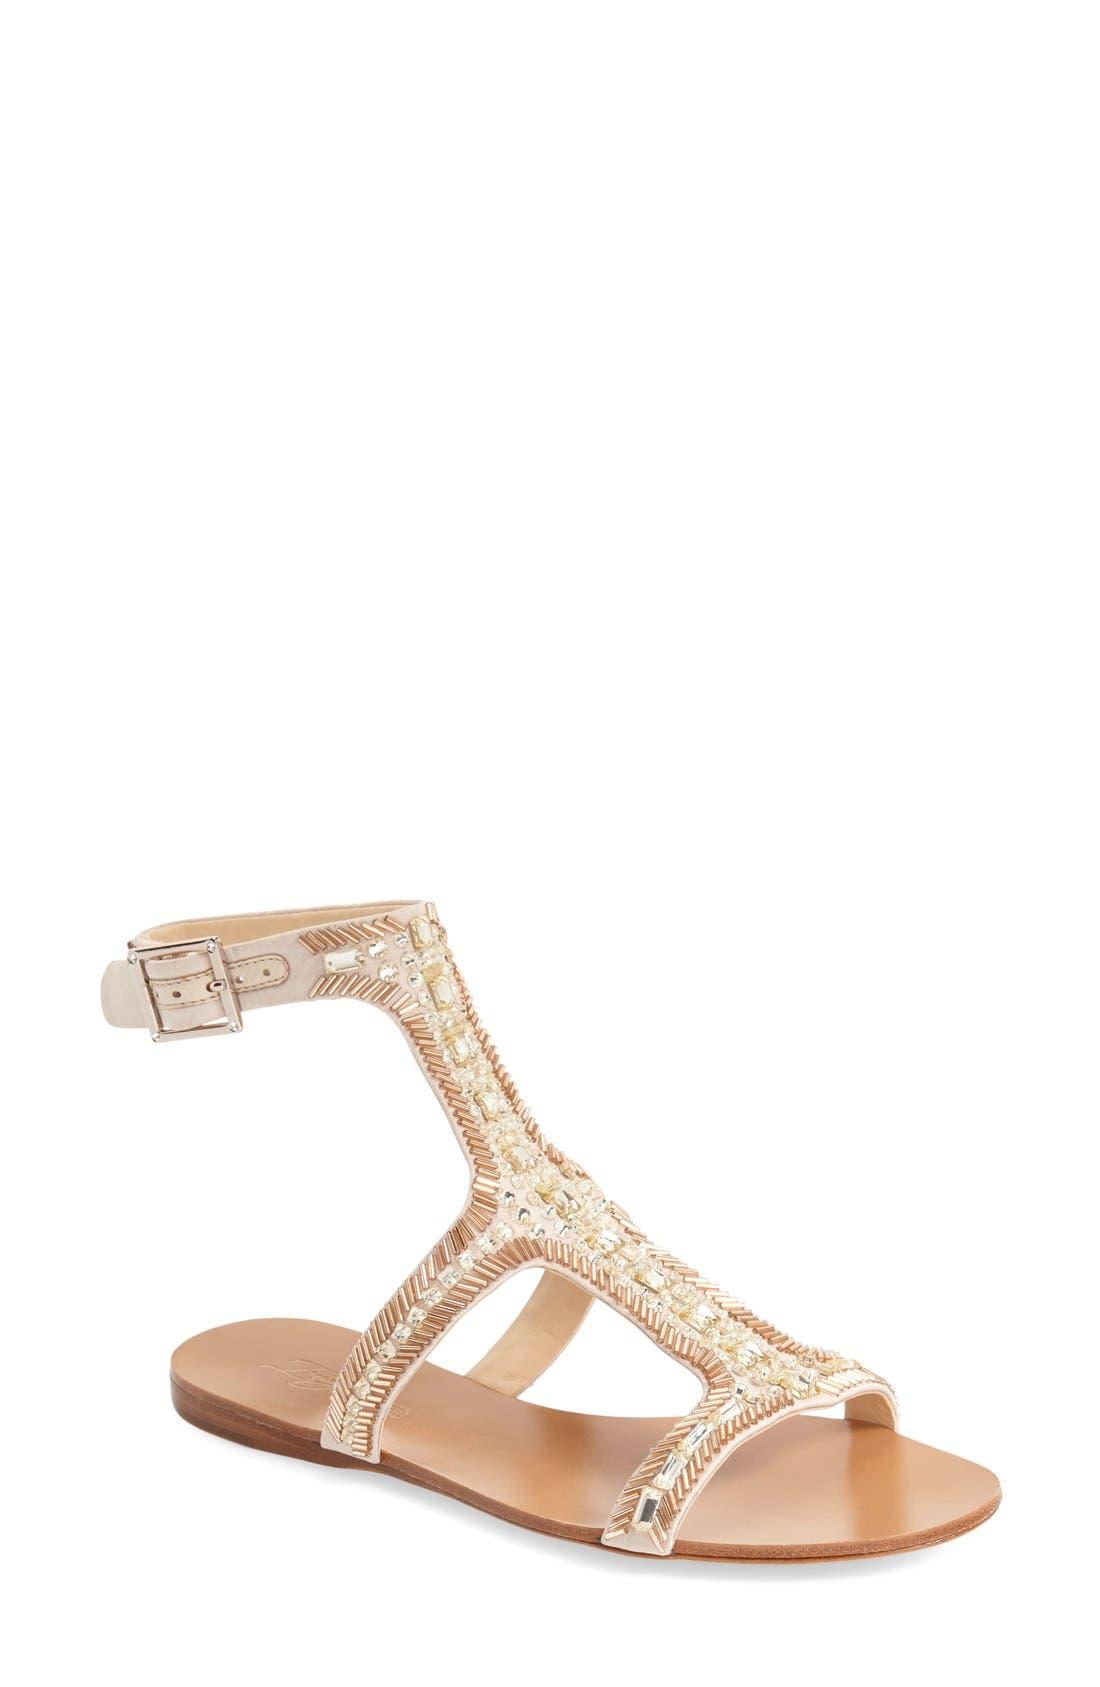 Imagine Vince Camuto 'Reid' Embellished T-Strap Flat Sandal (Women)